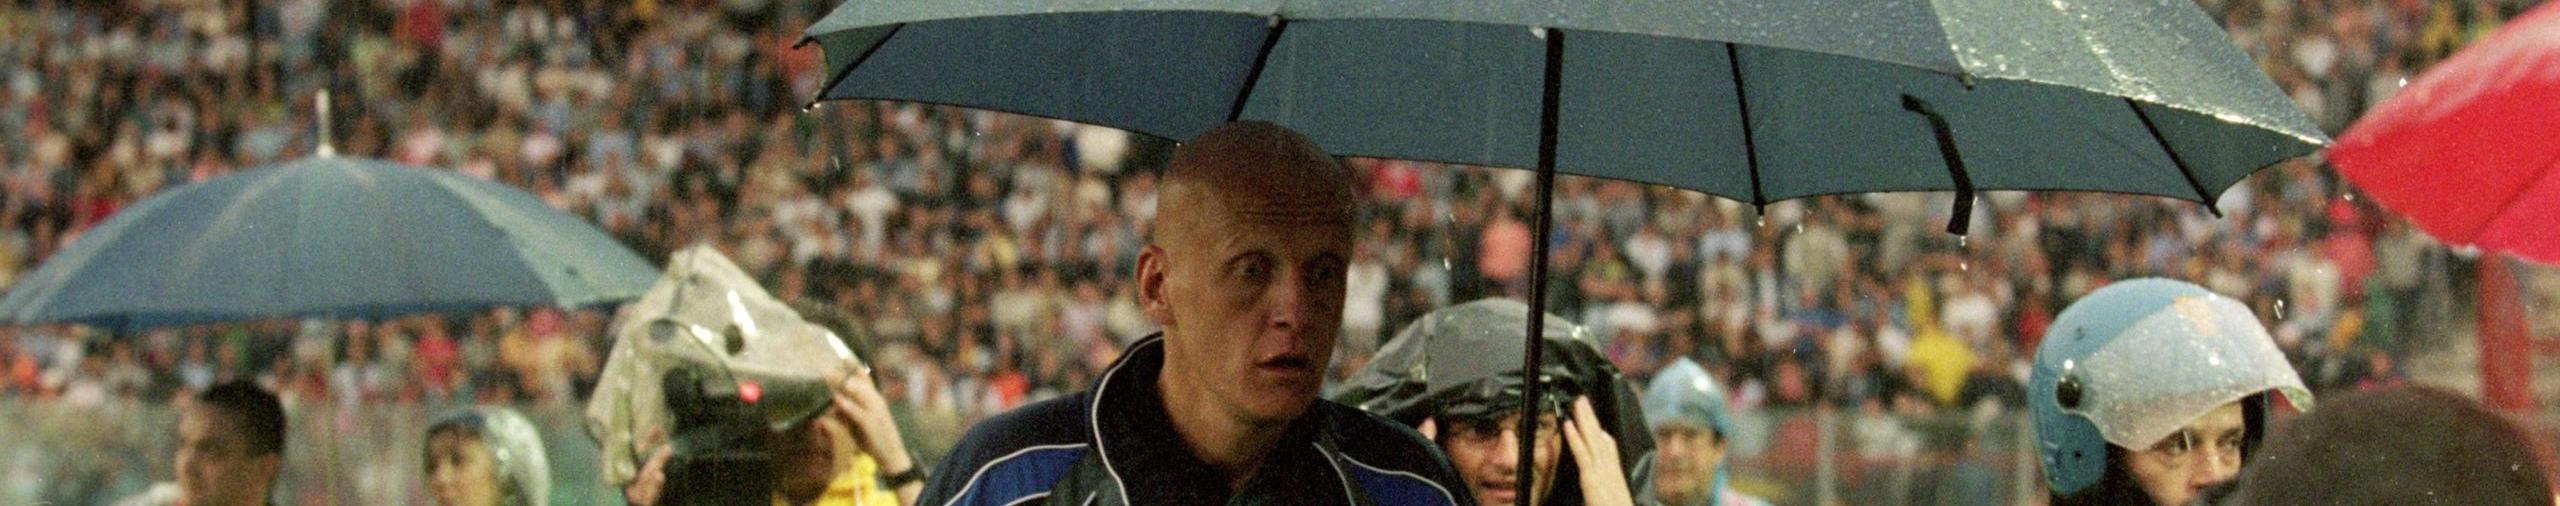 I 5 finali di Serie A più spettacolari di sempre, dallo spareggio del 1964 al 5 maggio 2002